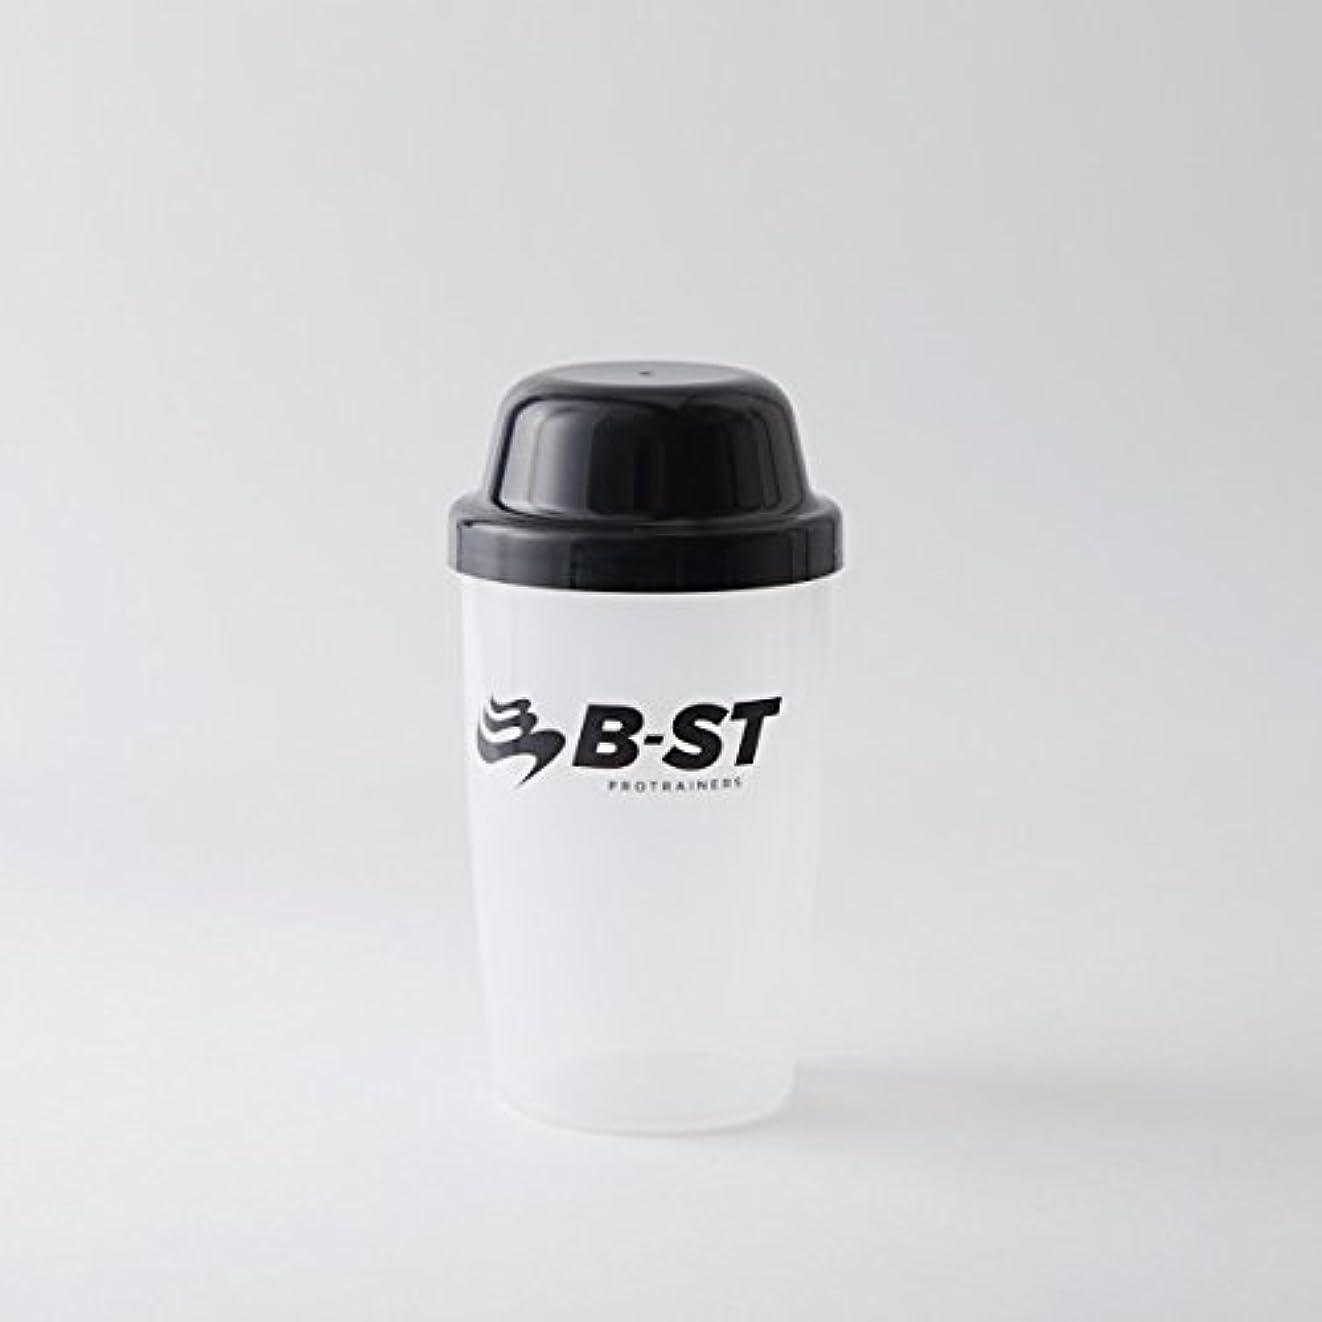 ごめんなさい忠実な慰めB-STプロテインシェーカー